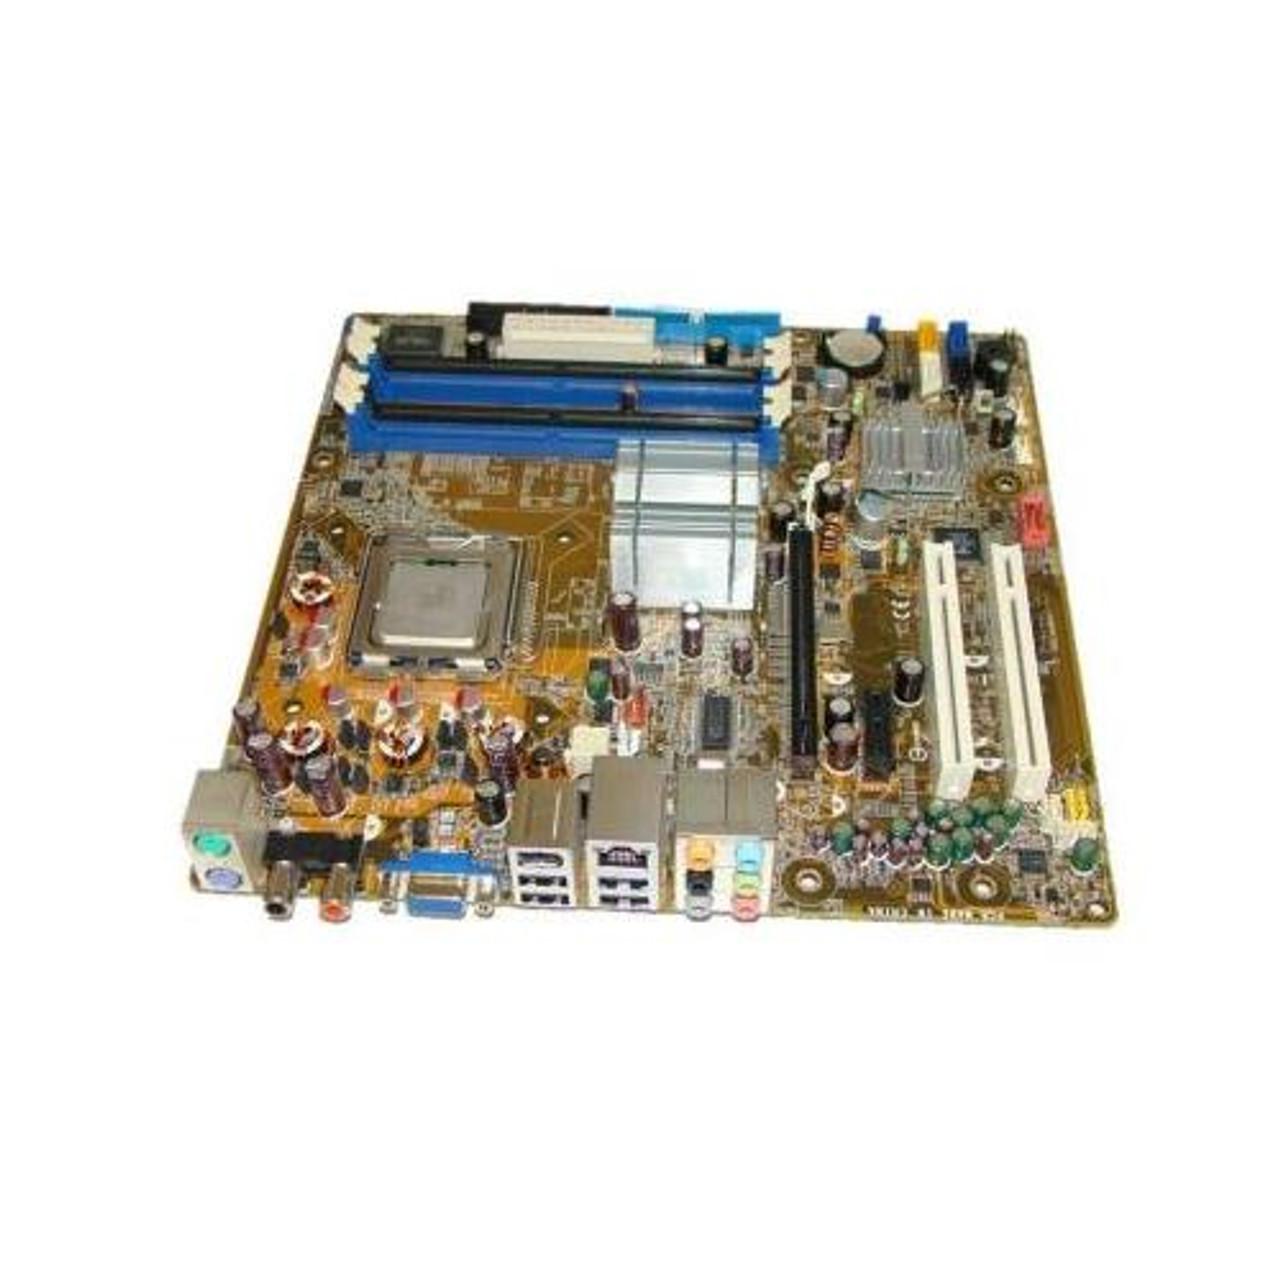 Ga-945gcm-s2c (rev. 1. 0) | motherboard gigabyte global.